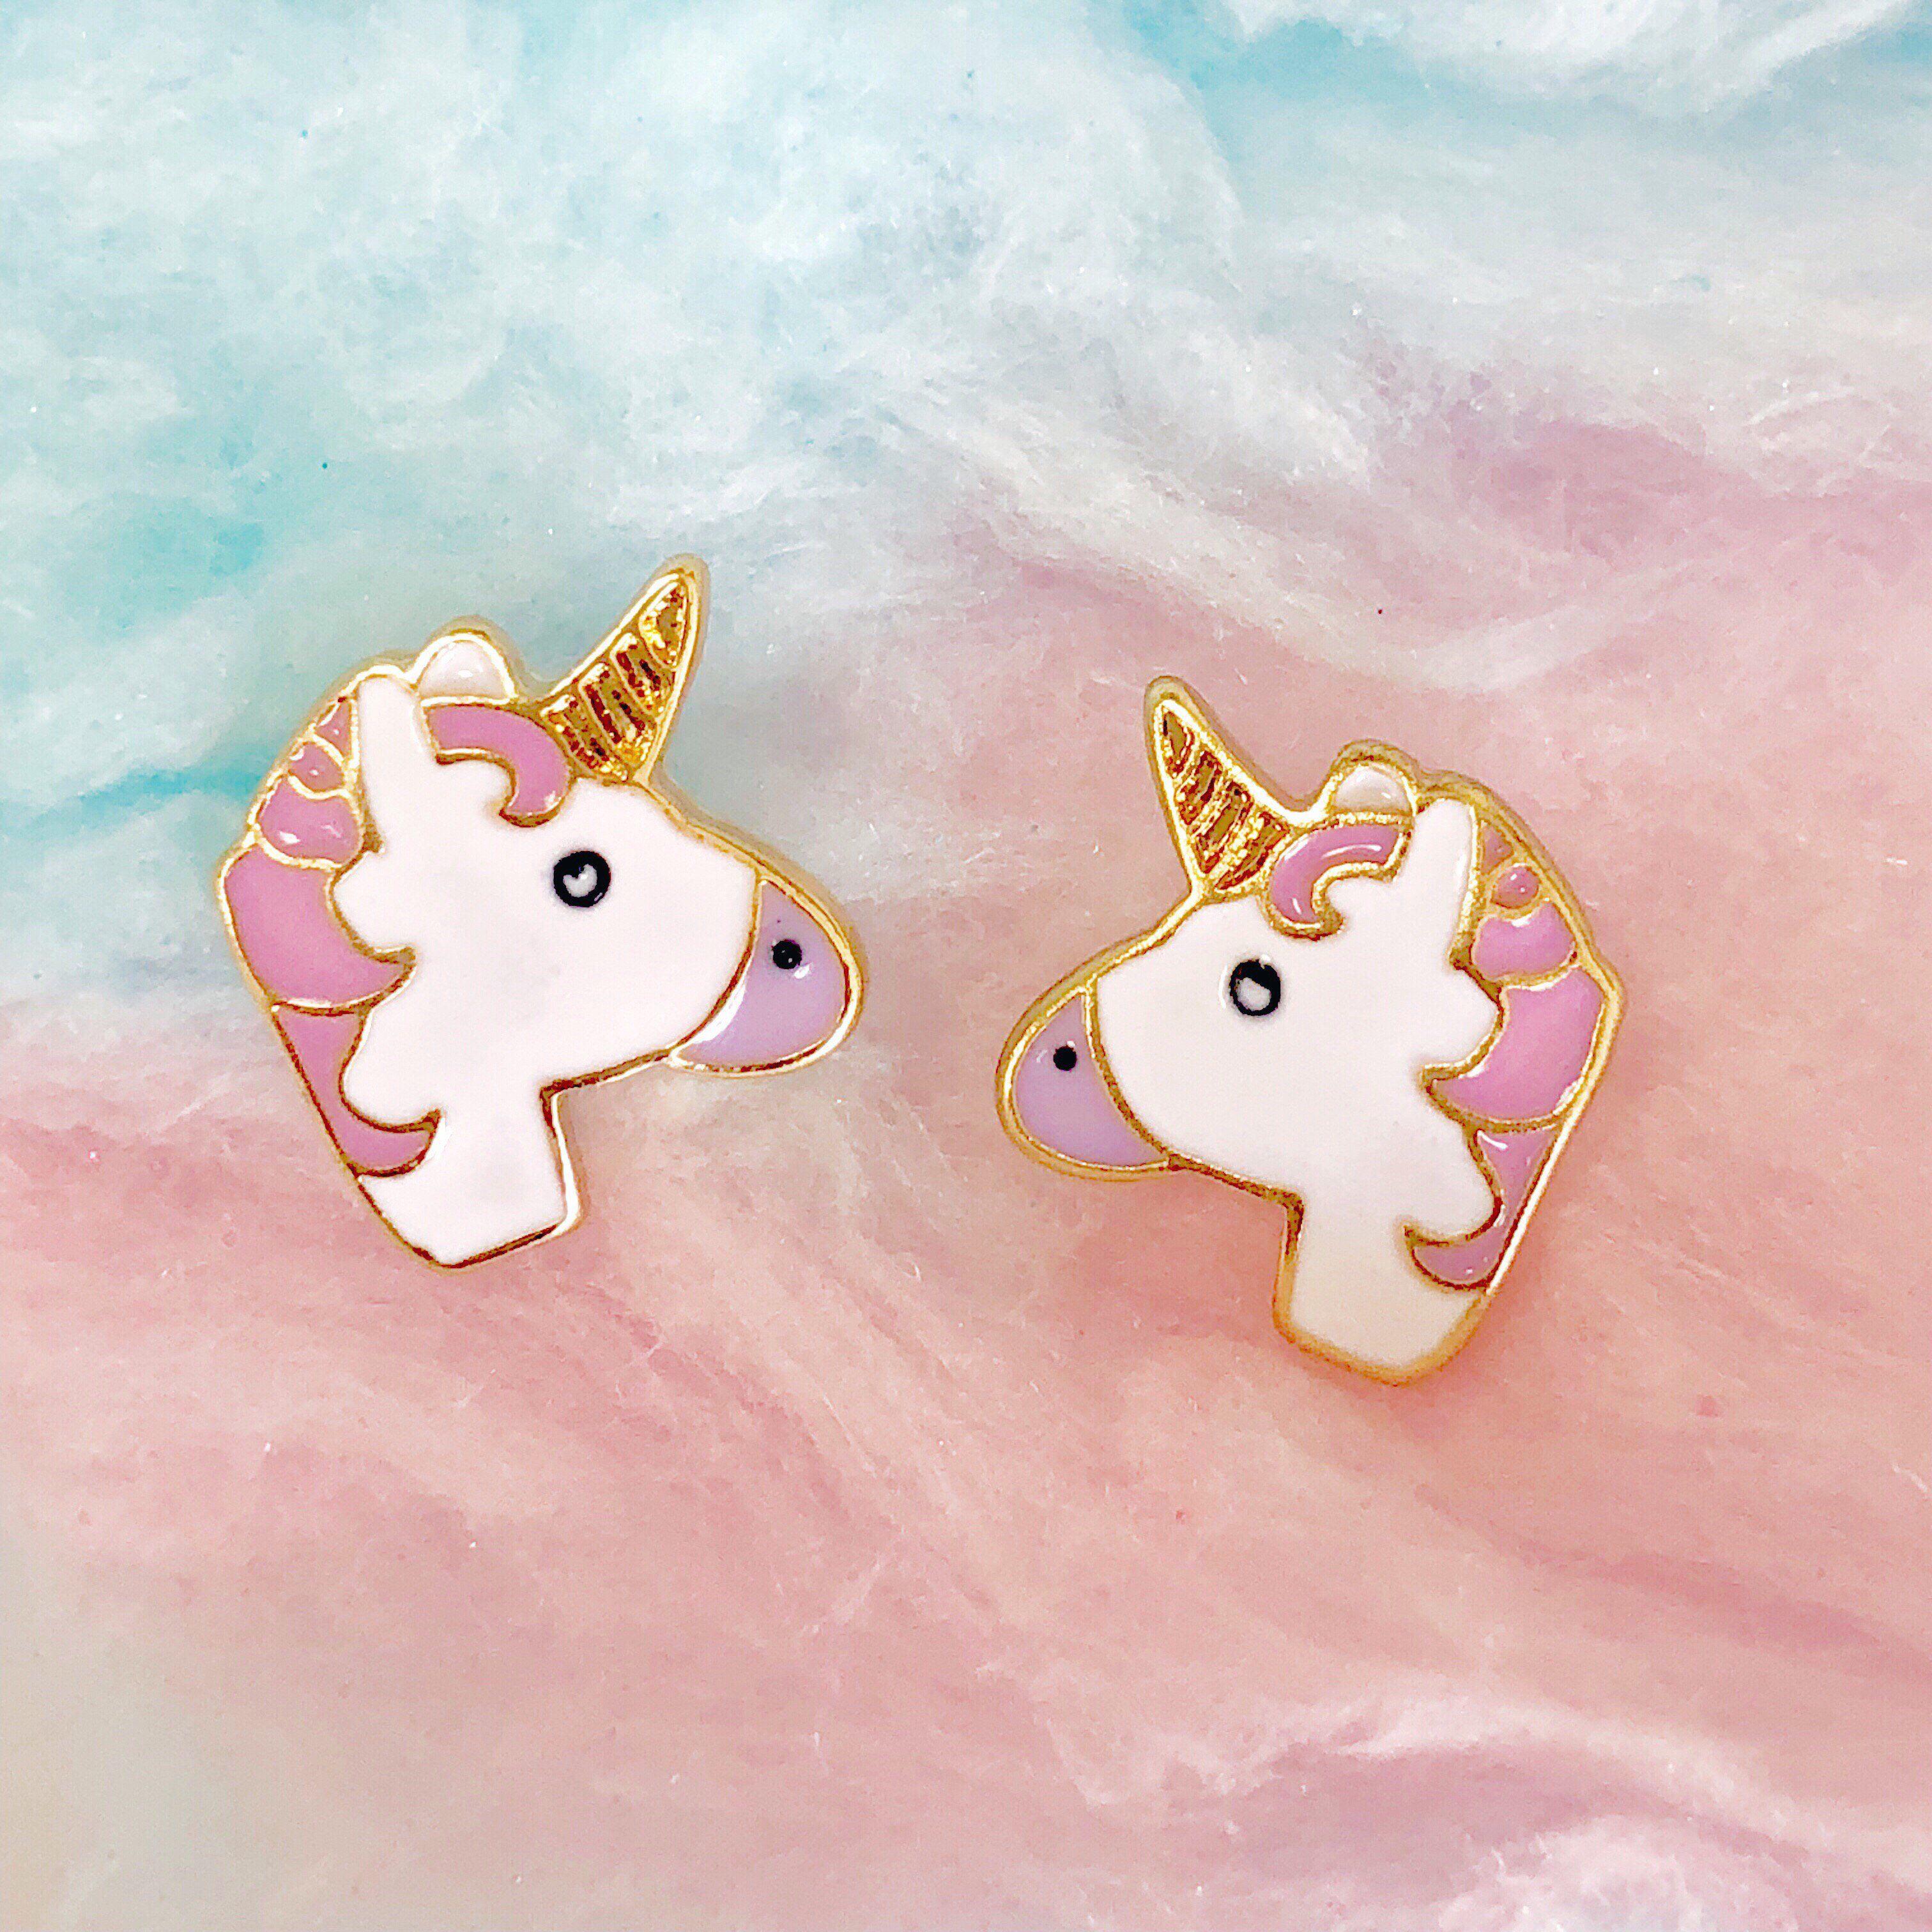 Unicorn Vibes Only Enamel Unicorn Studs